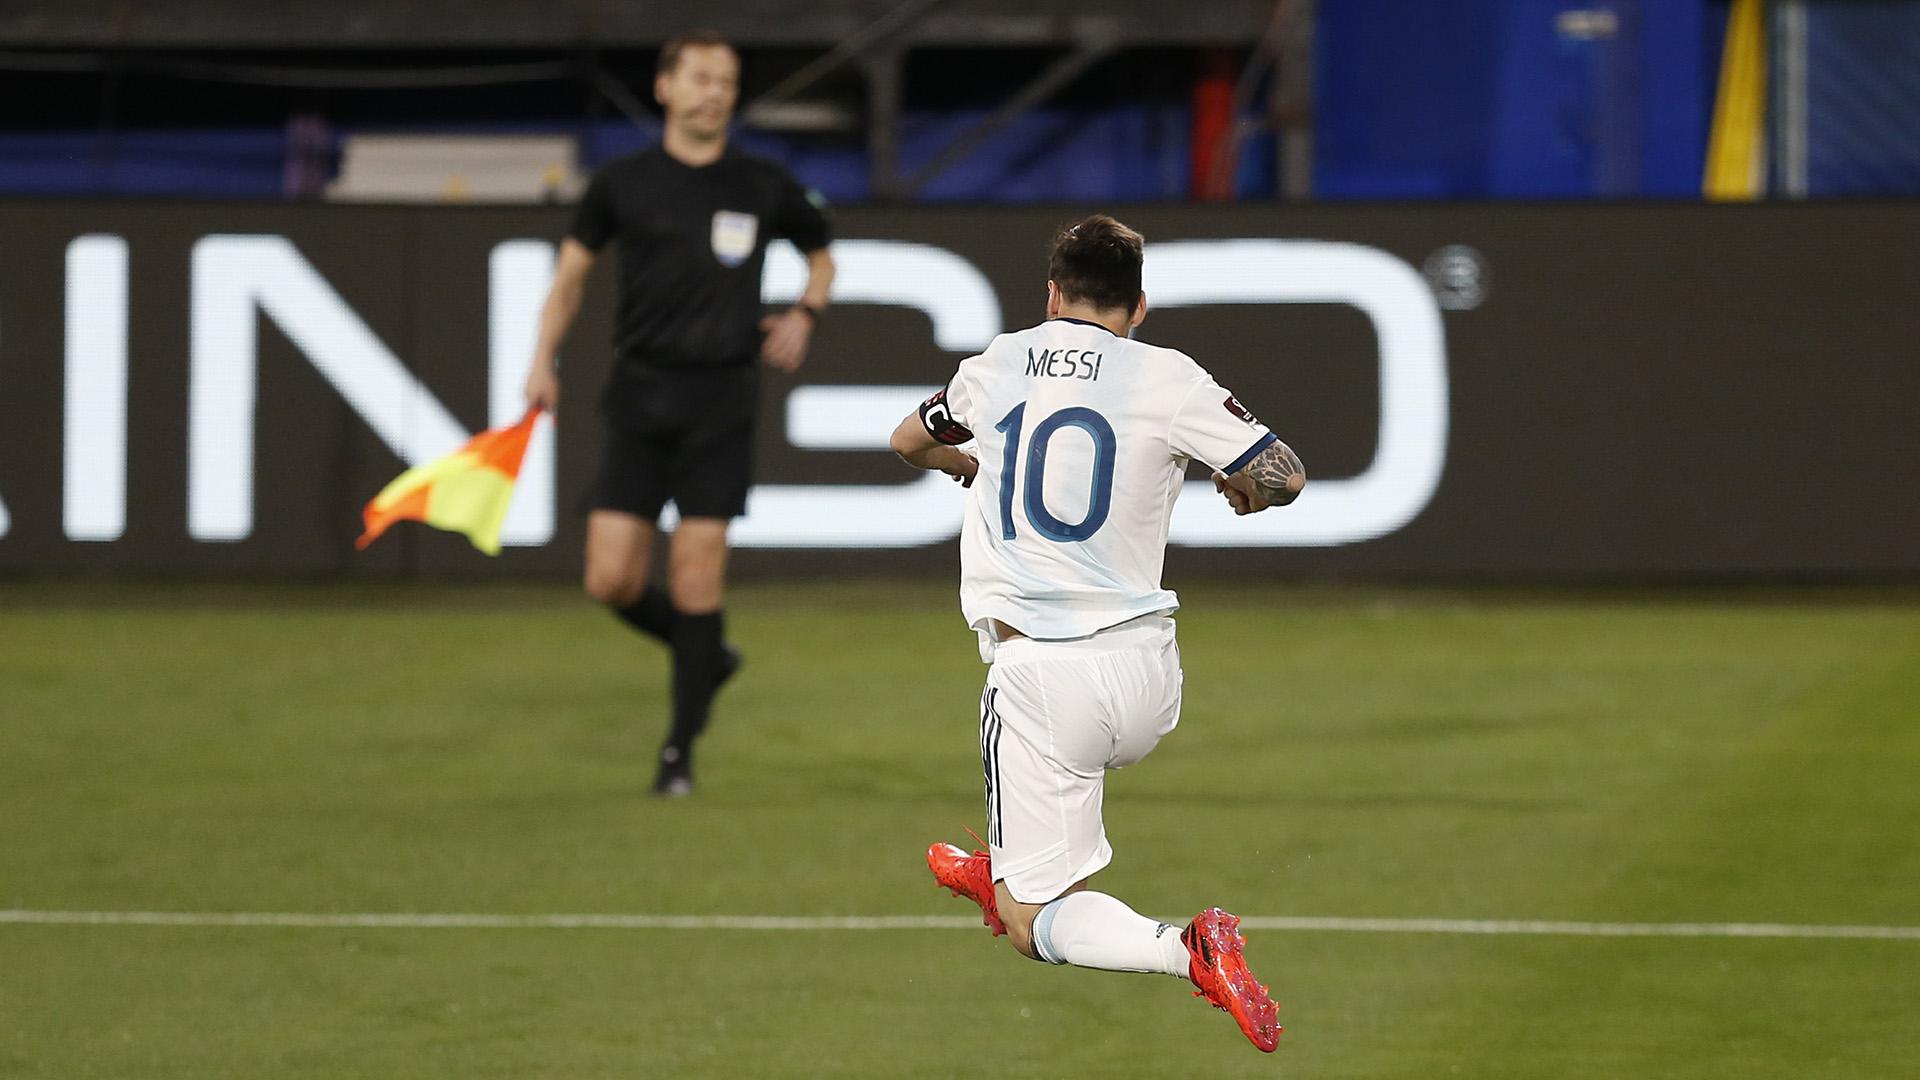 El salto de Messi tras el gol que le dio los primeros puntos a Argentina en las Eliminatorias (Fabián Marinelli - Pool)